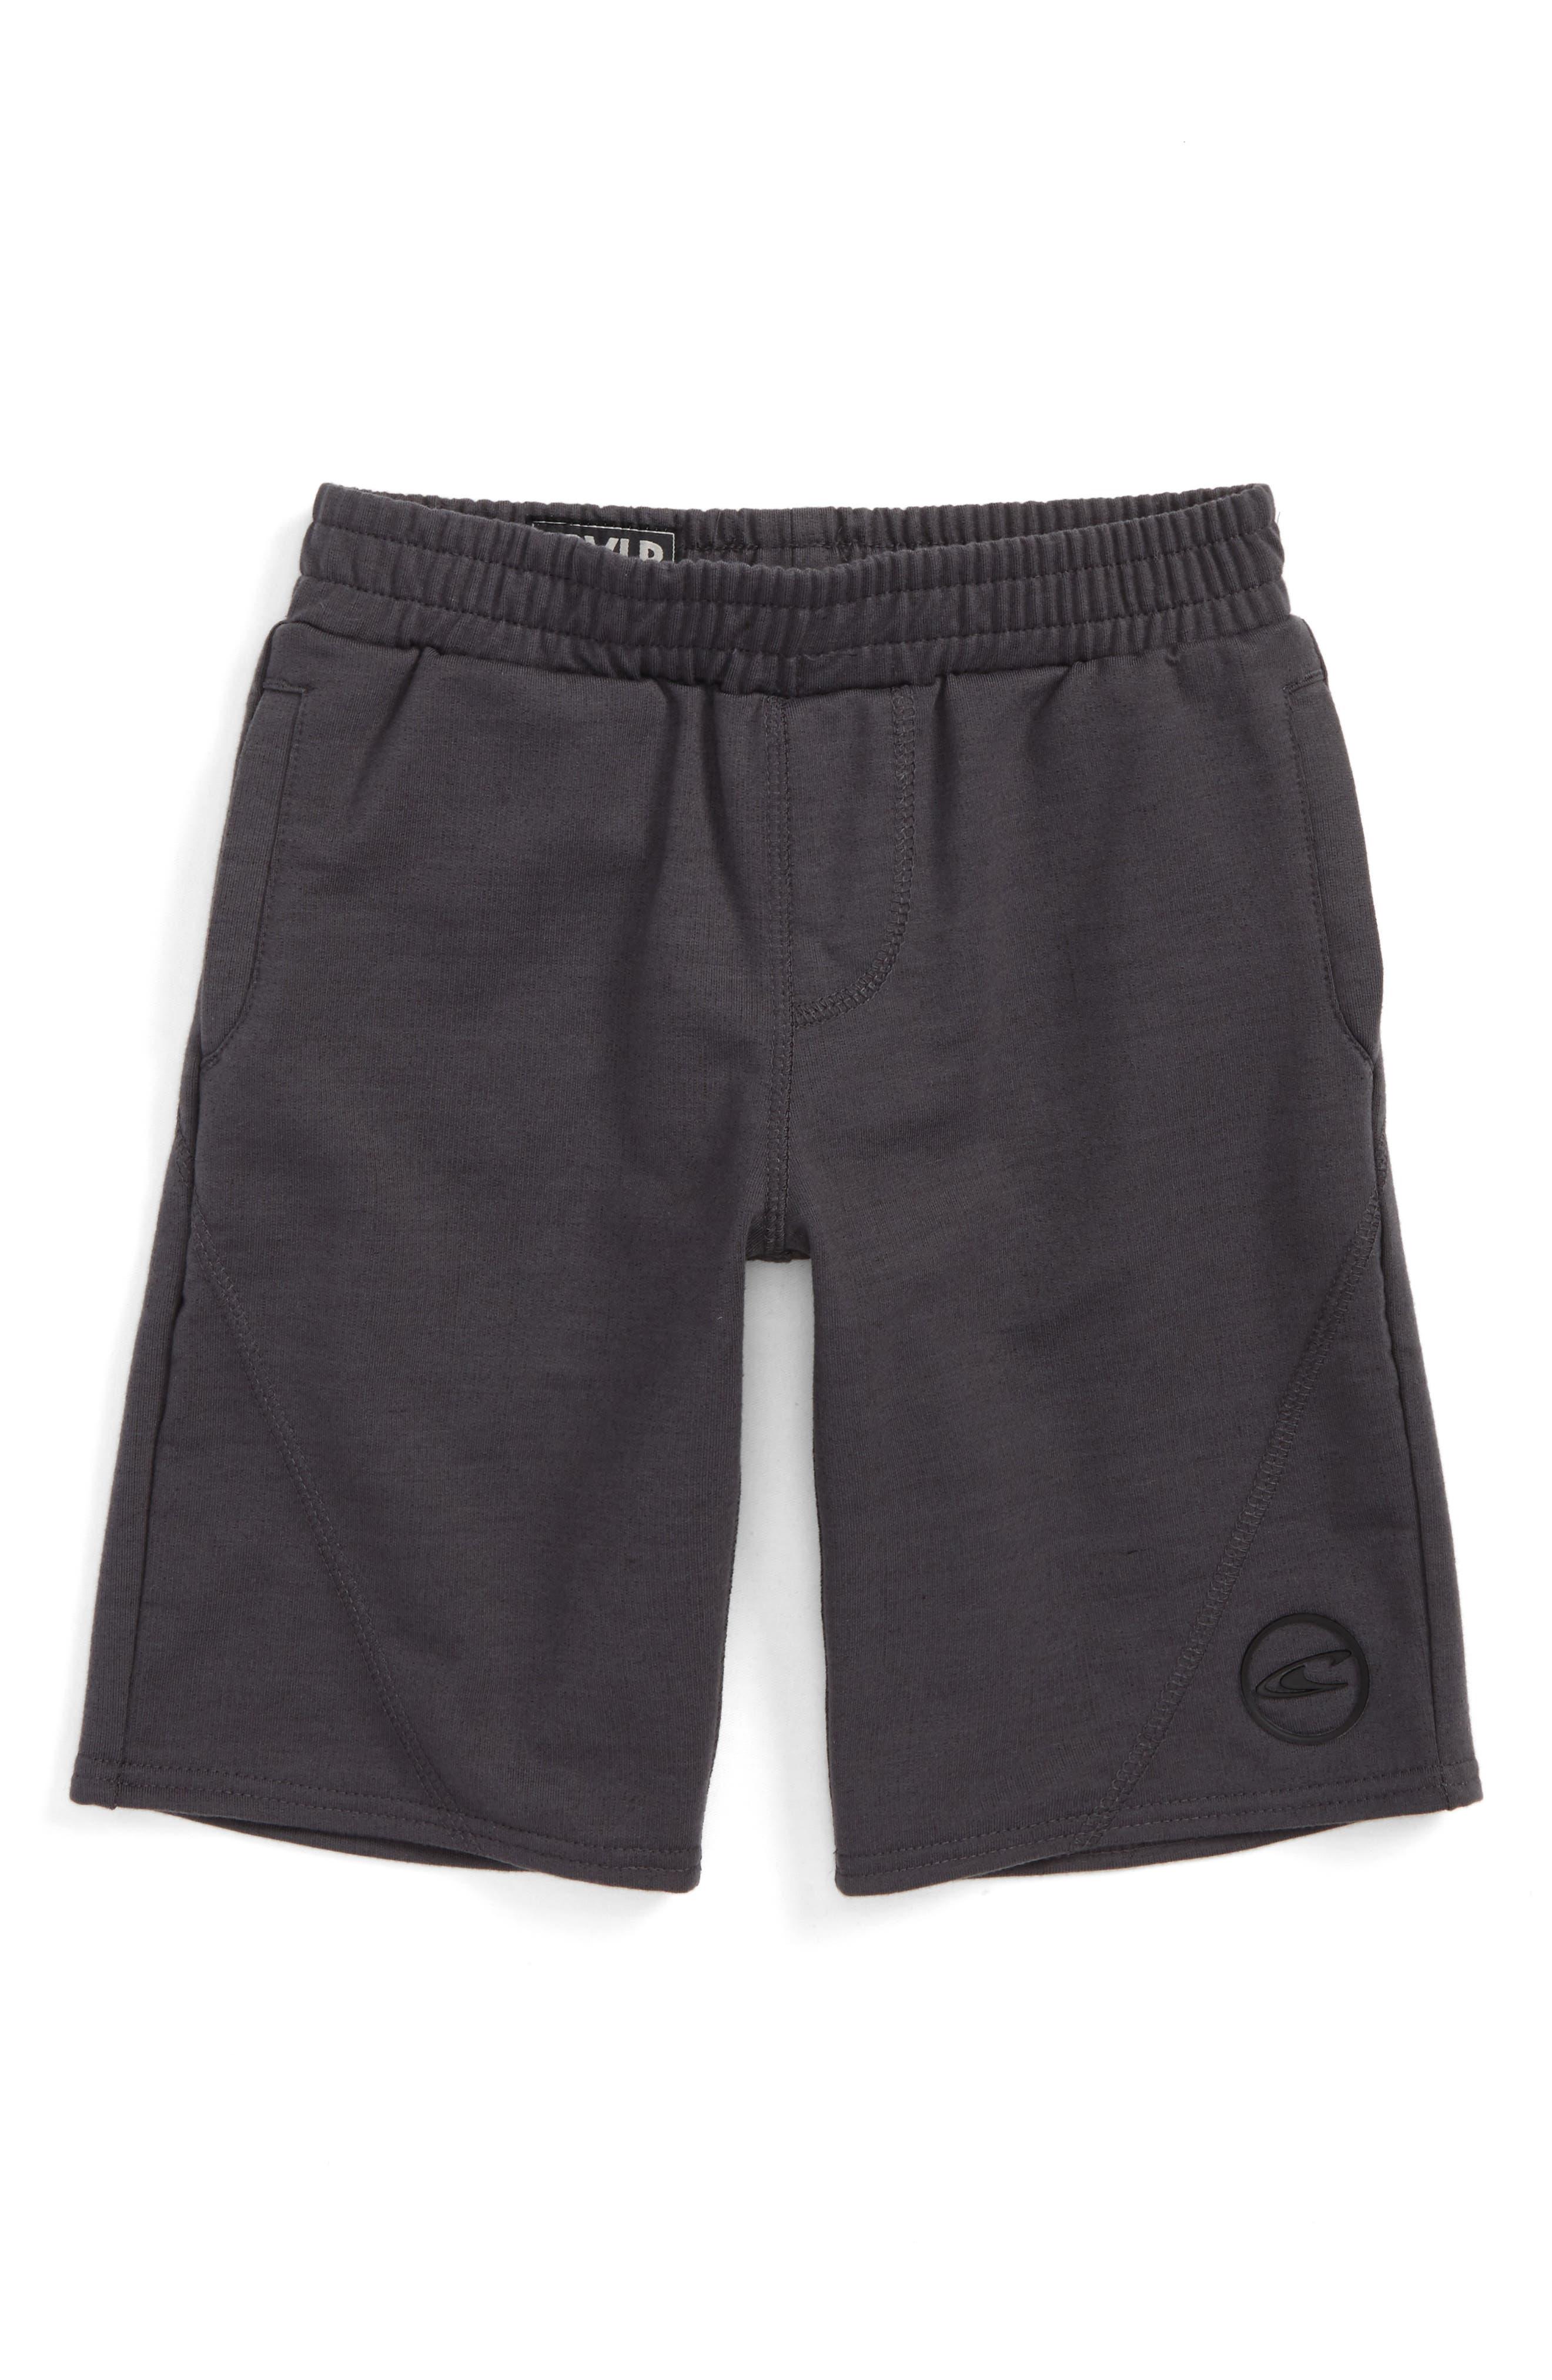 Traveler Knit Shorts,                             Main thumbnail 1, color,